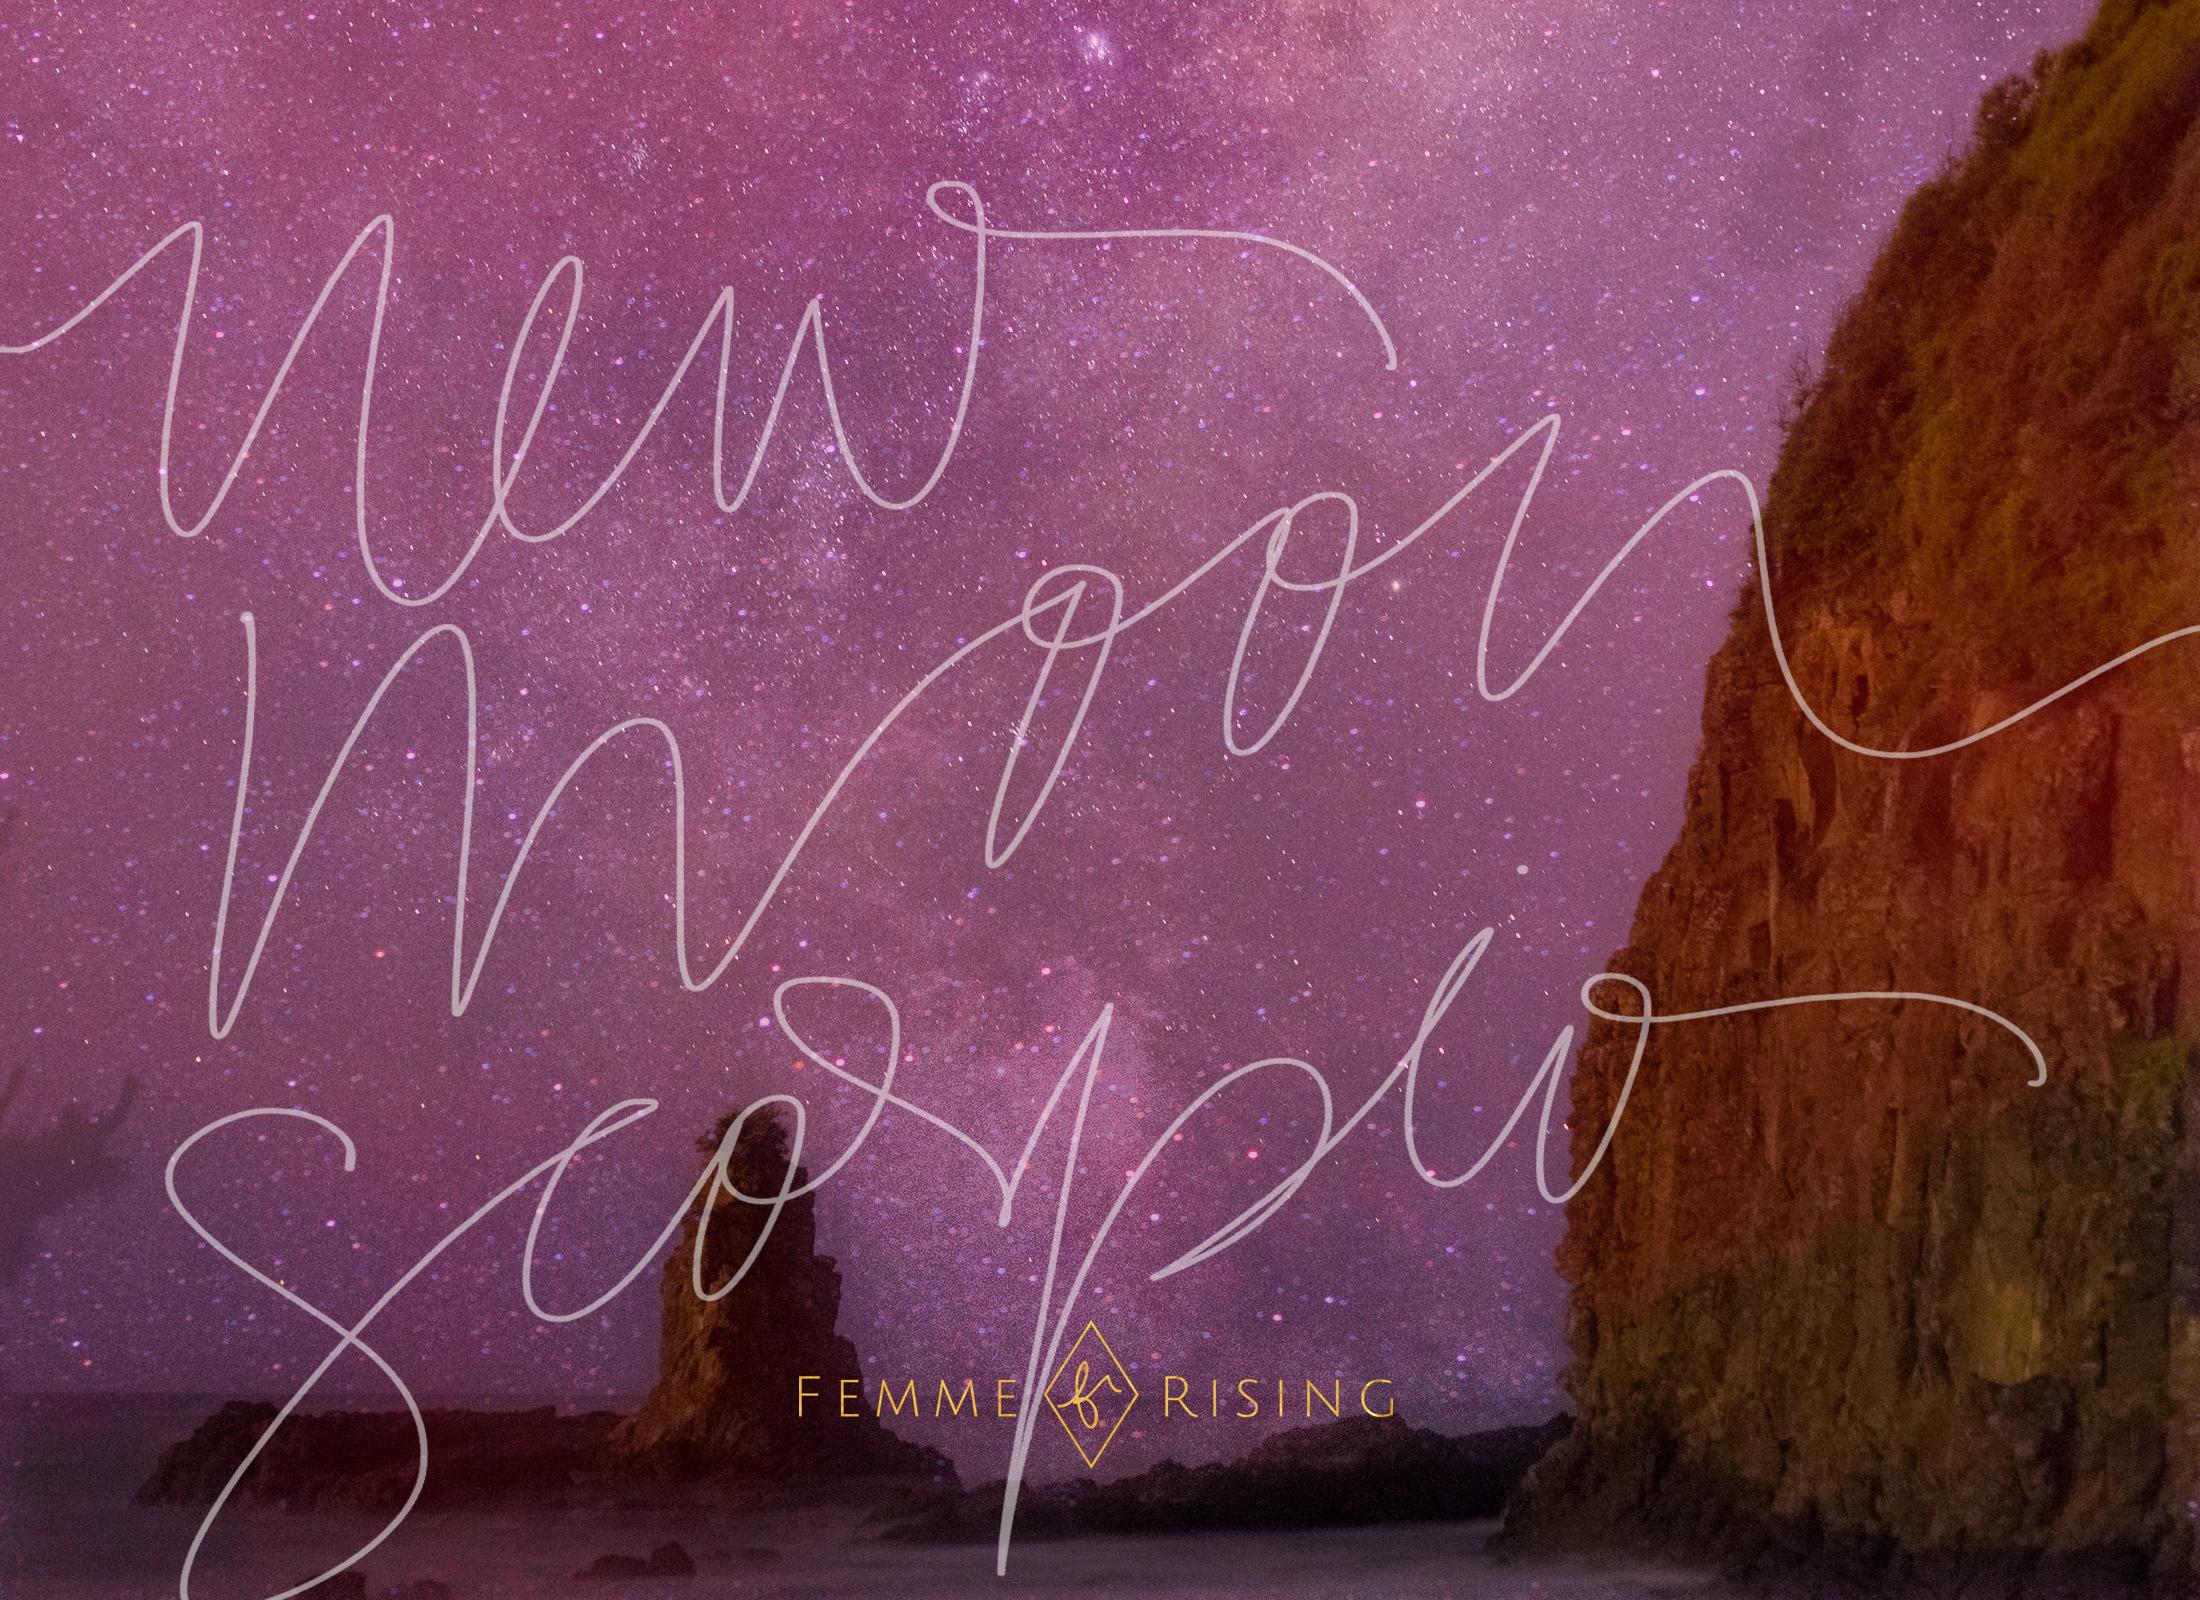 newmoon_scorpio_4.jpg